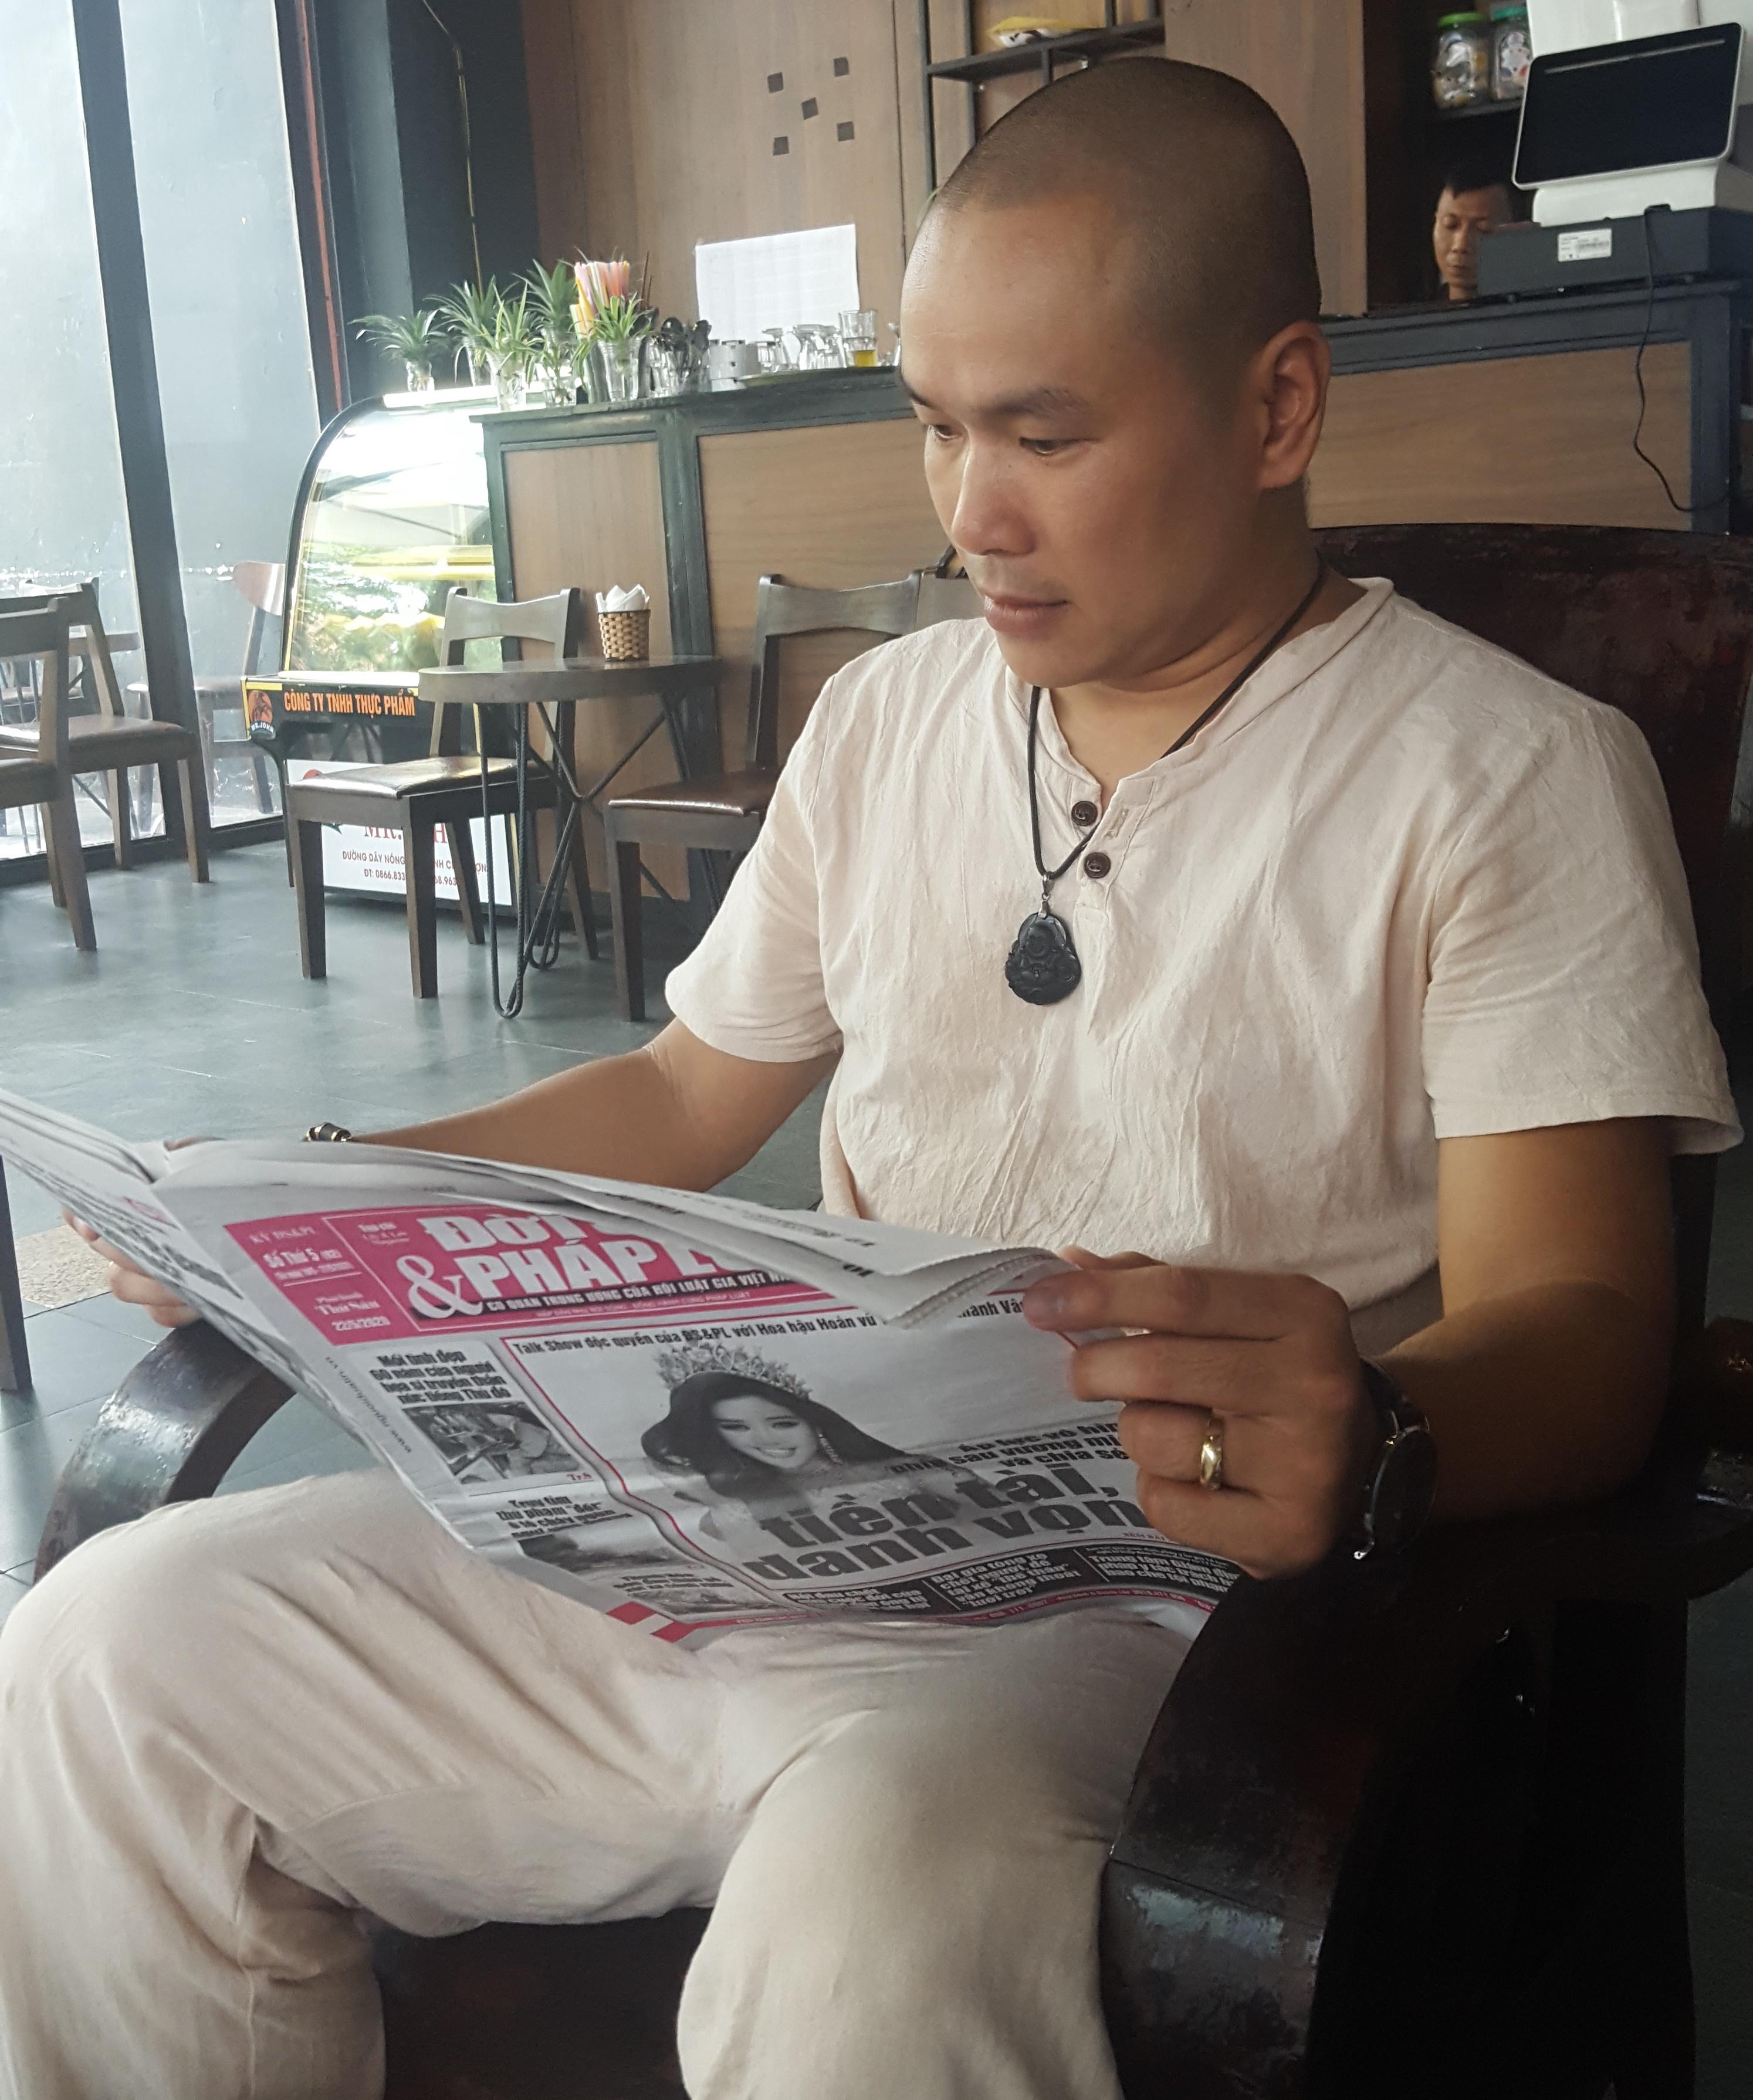 Diễn viên Đức Thịnh: Từ hào quang vụt sáng đến năm tháng vất vả mưu sinh khi bị ung thư - ảnh 1